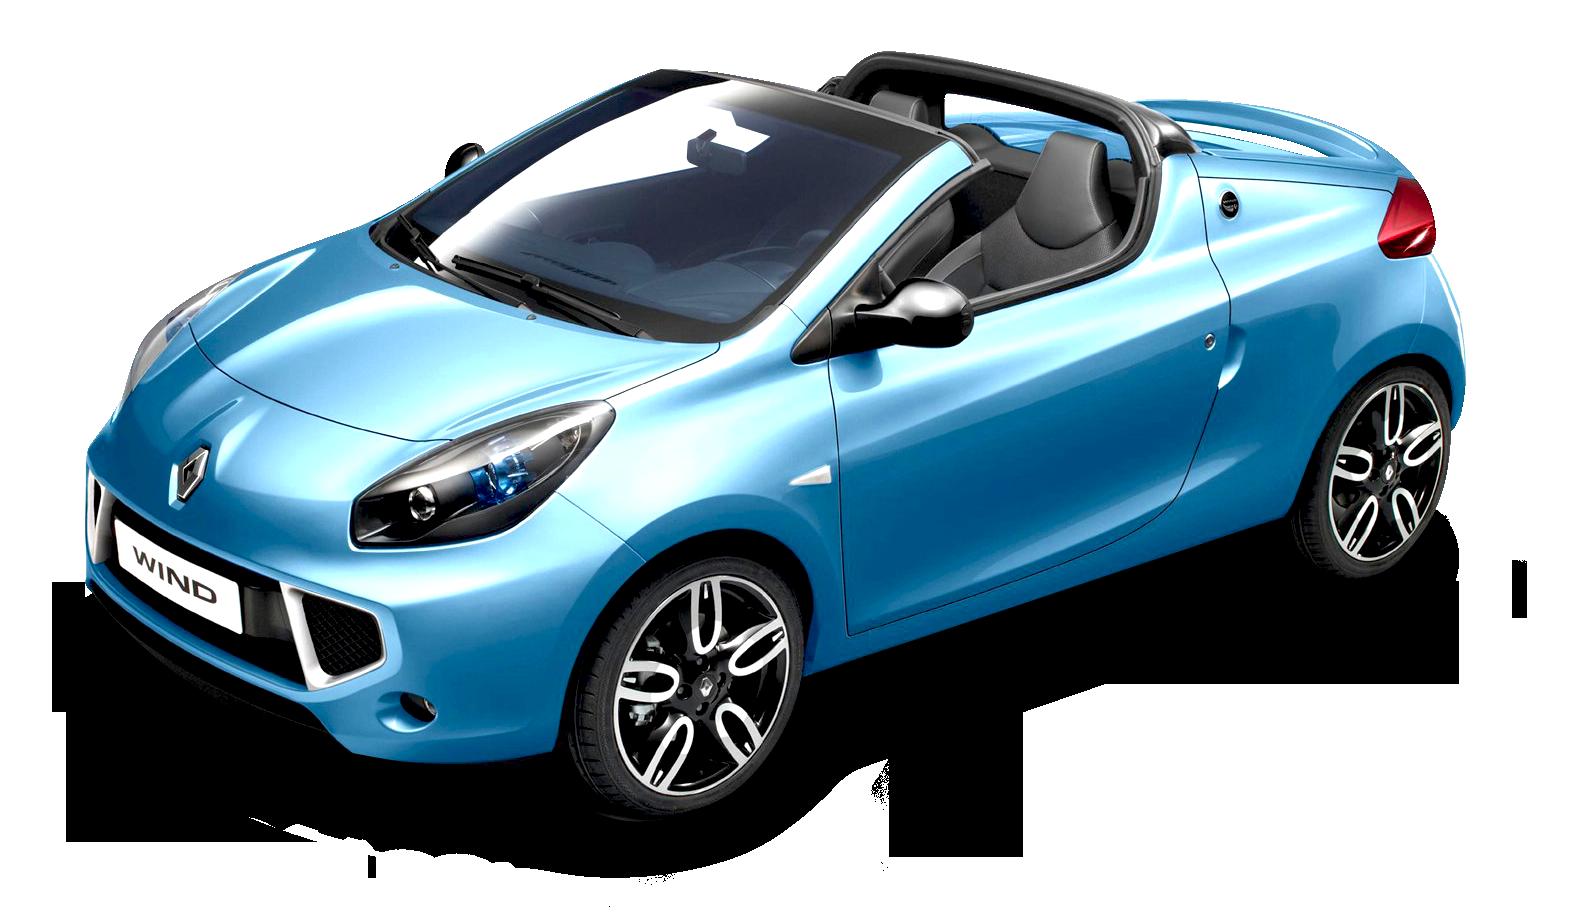 Blue Renault Wind Car PNG Image